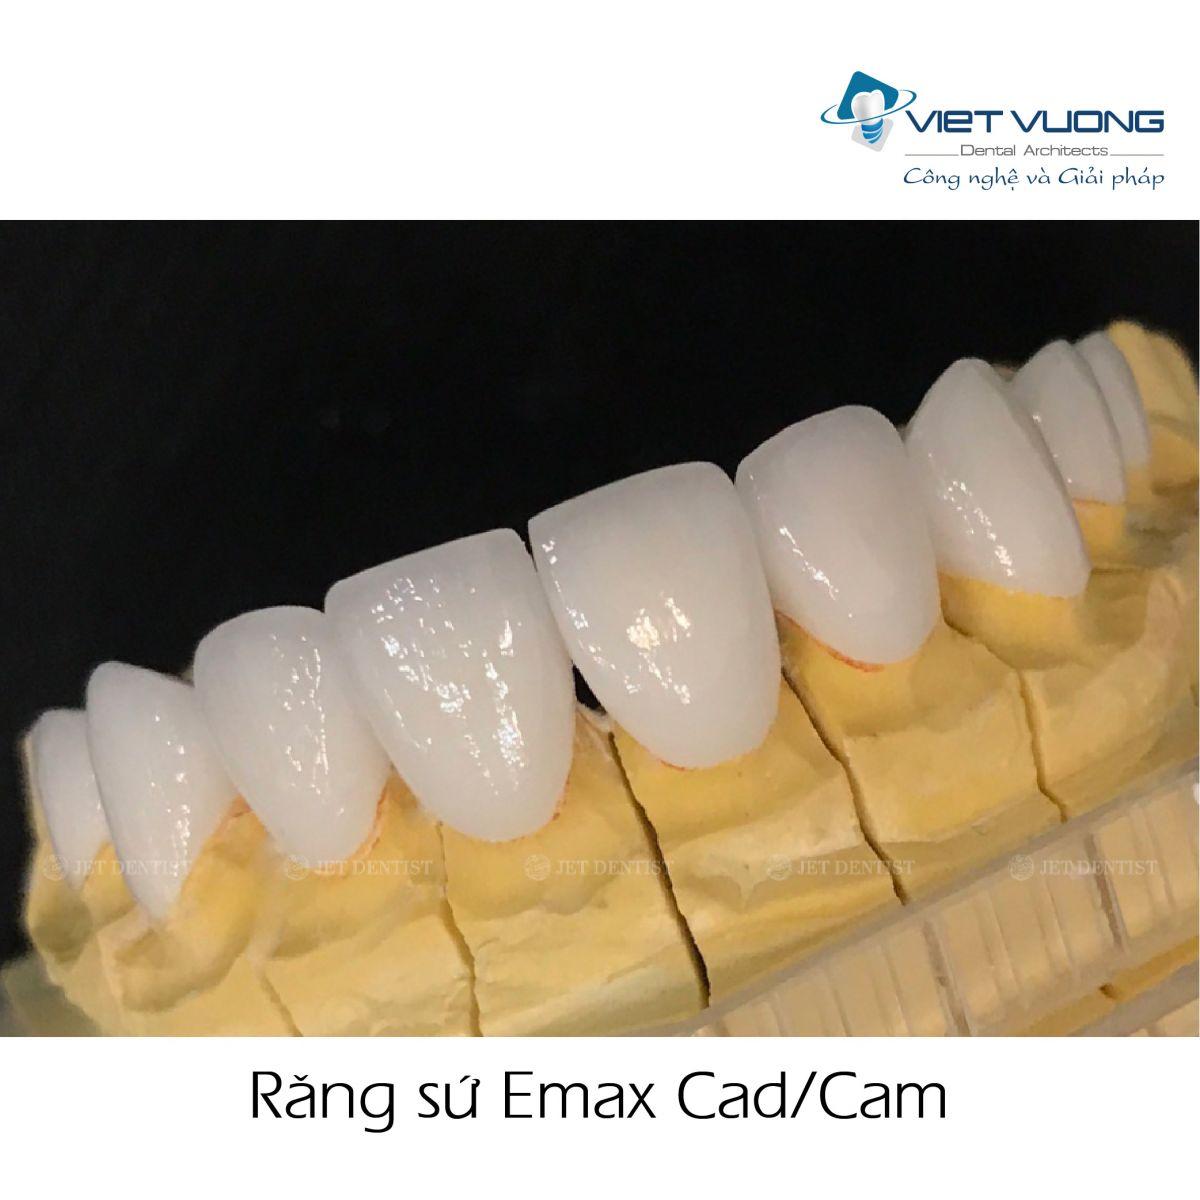 Răng sứ Emax Cad/Cam